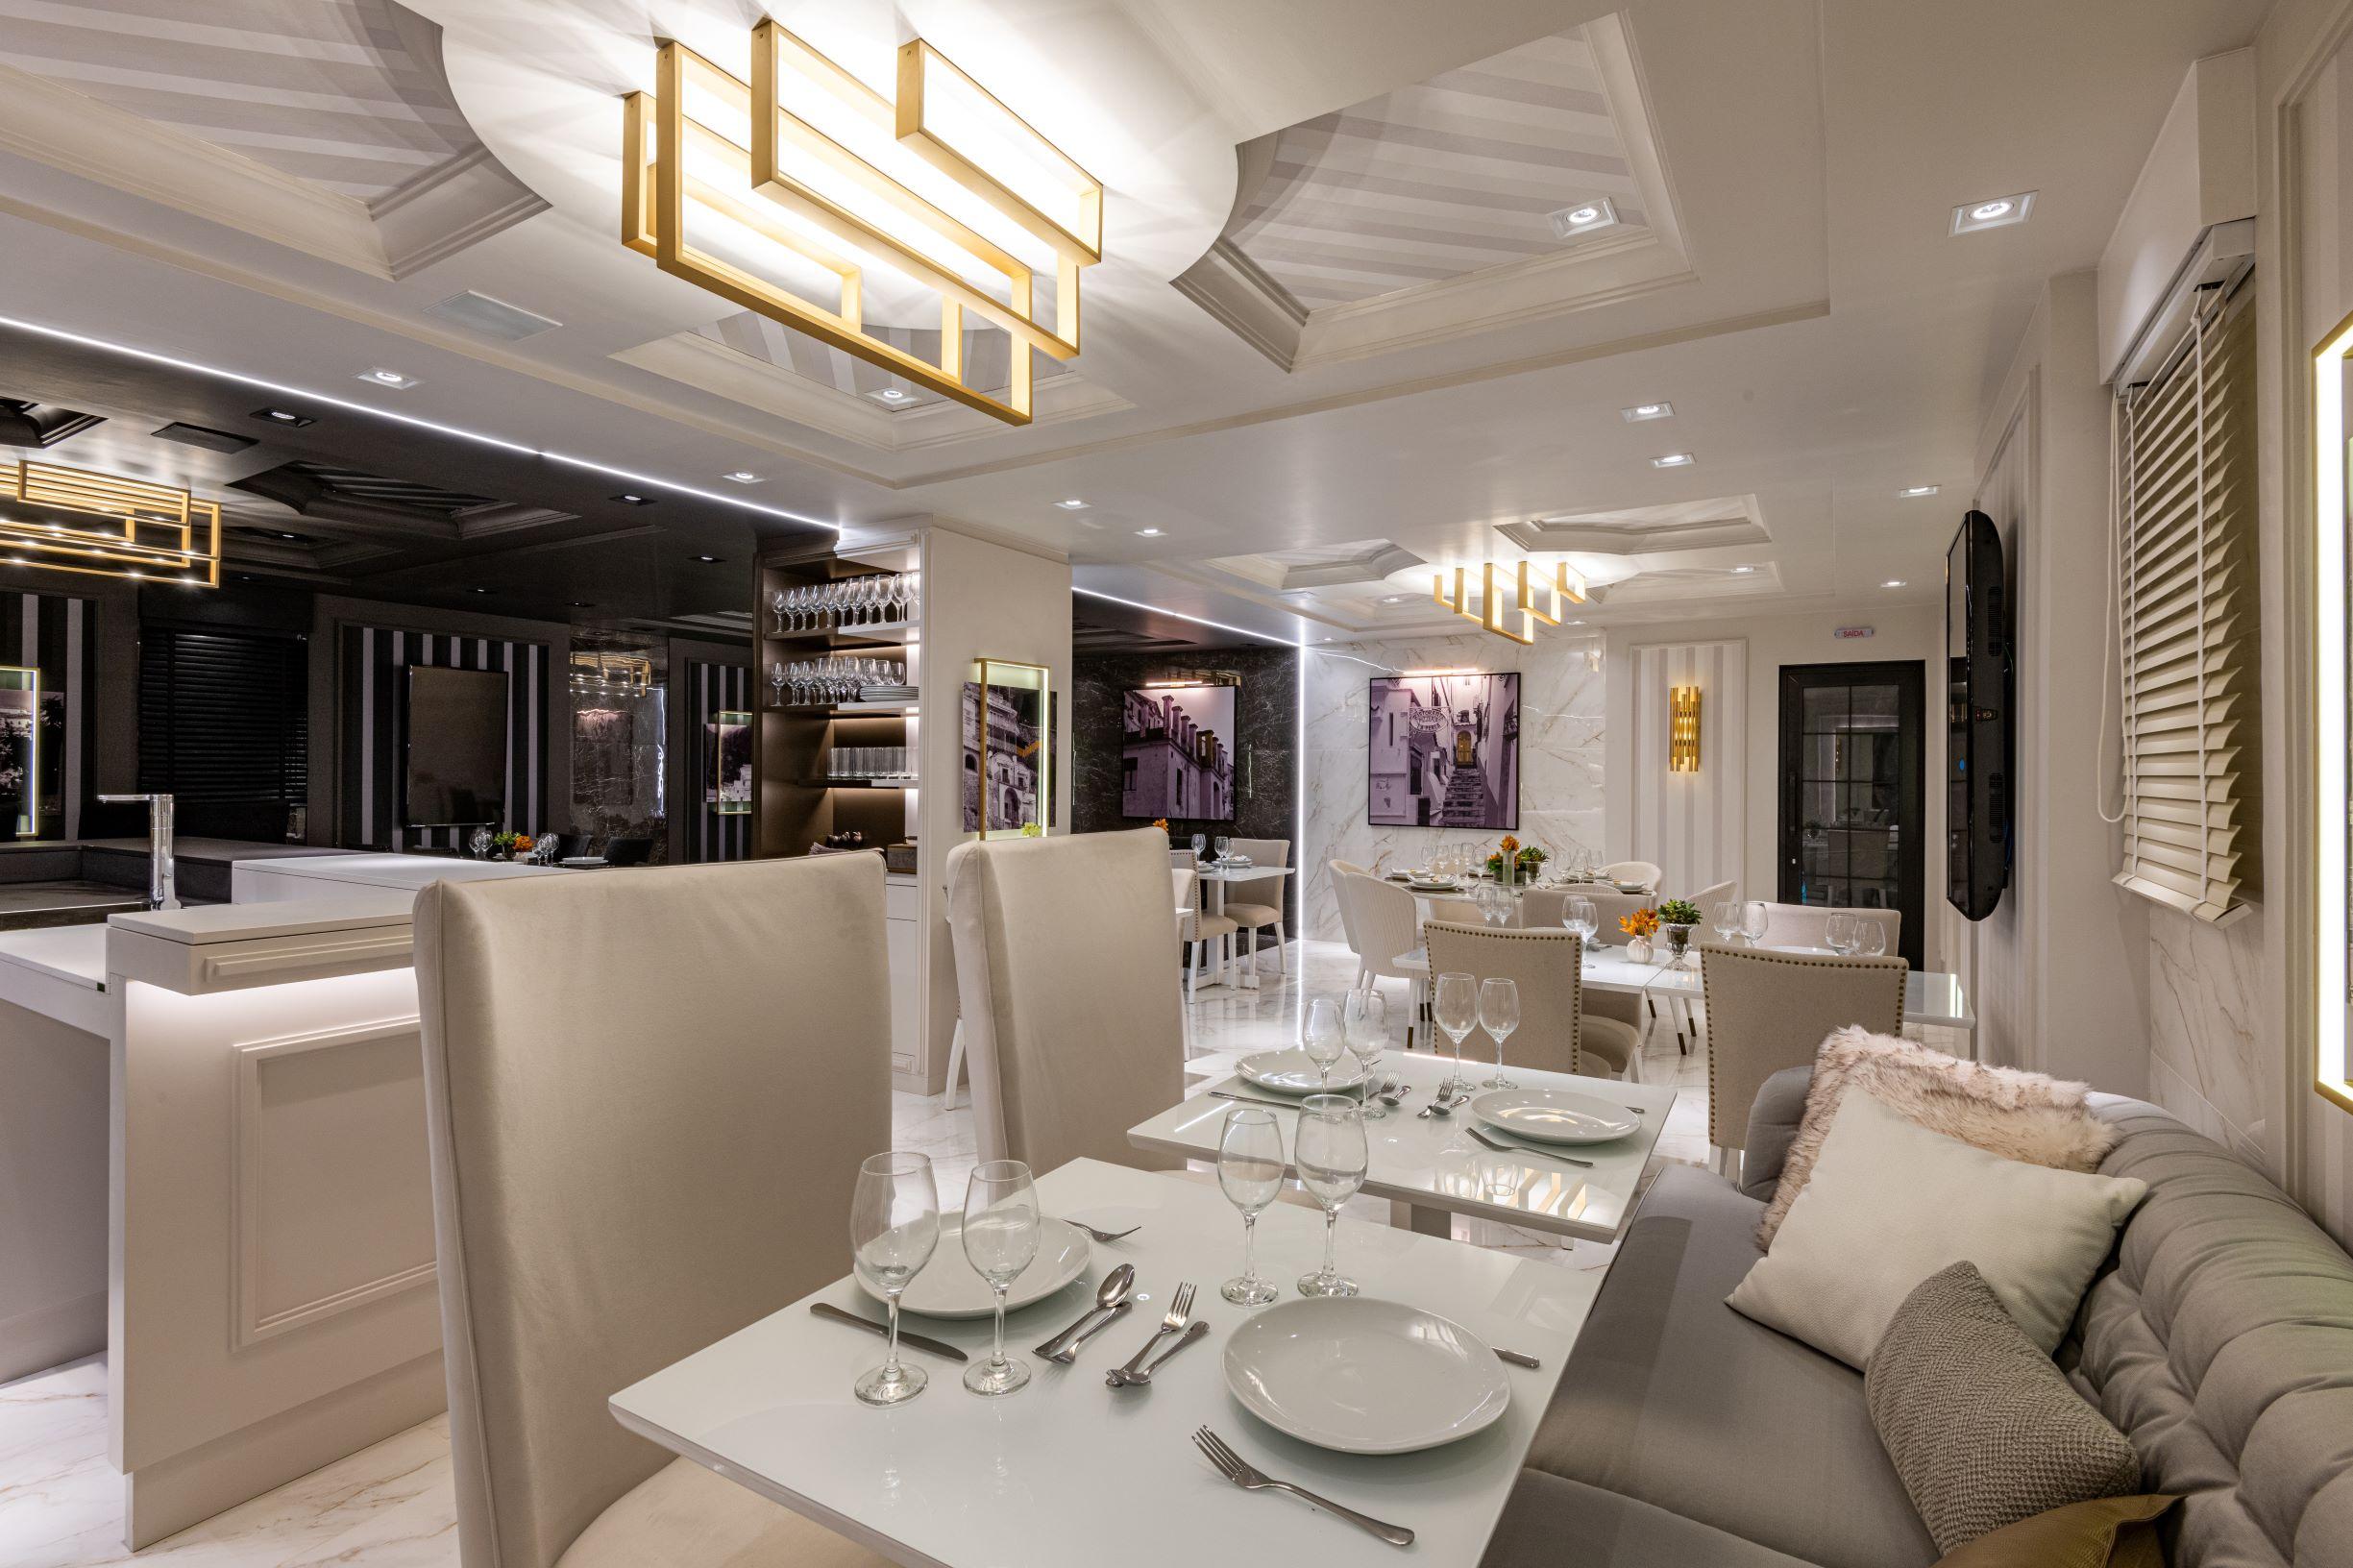 """Restaurante com conceito de dualidade. """"Lado dia"""", cadeiras clássicas brancas, mesa de mármore branco, sofá cinza claro, persianas e teto de gesso com relevo."""